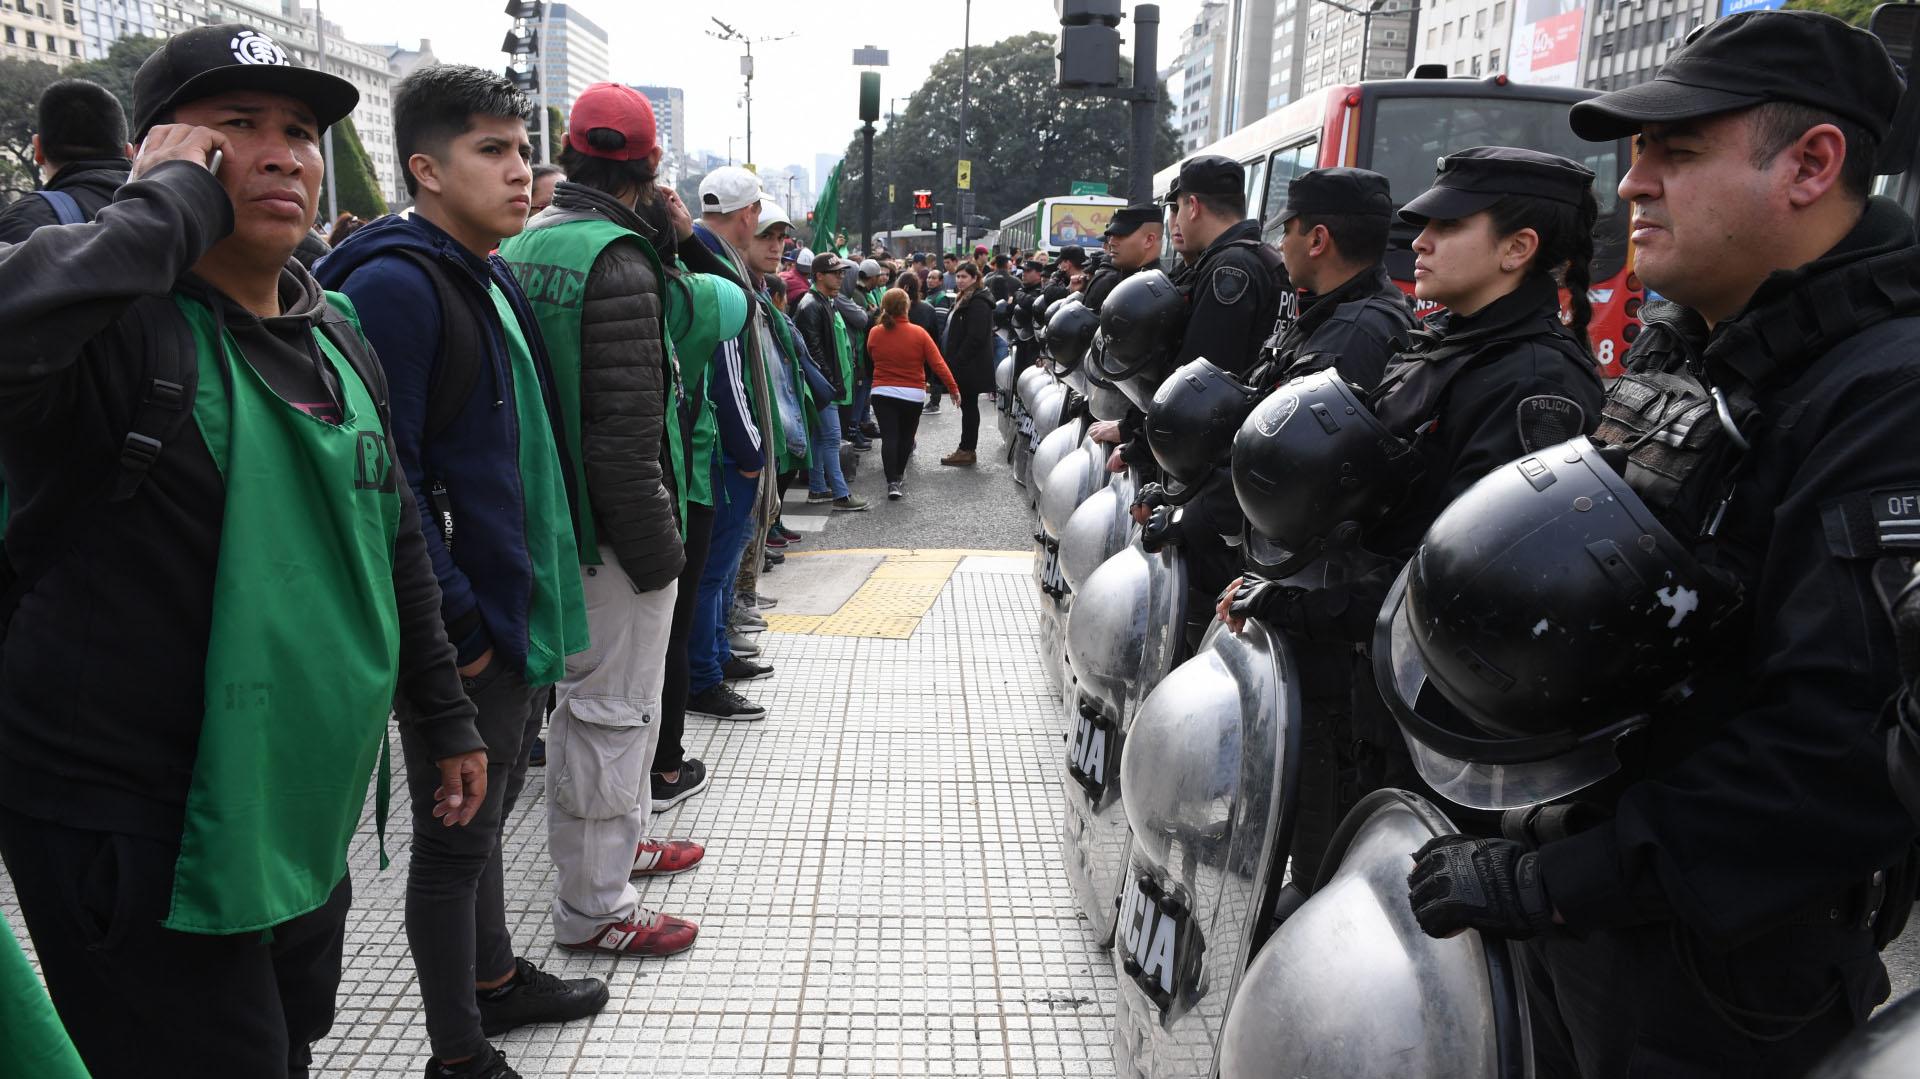 En el marco del amplio operativo de seguridad no se registraron incidentes con los manifestantes